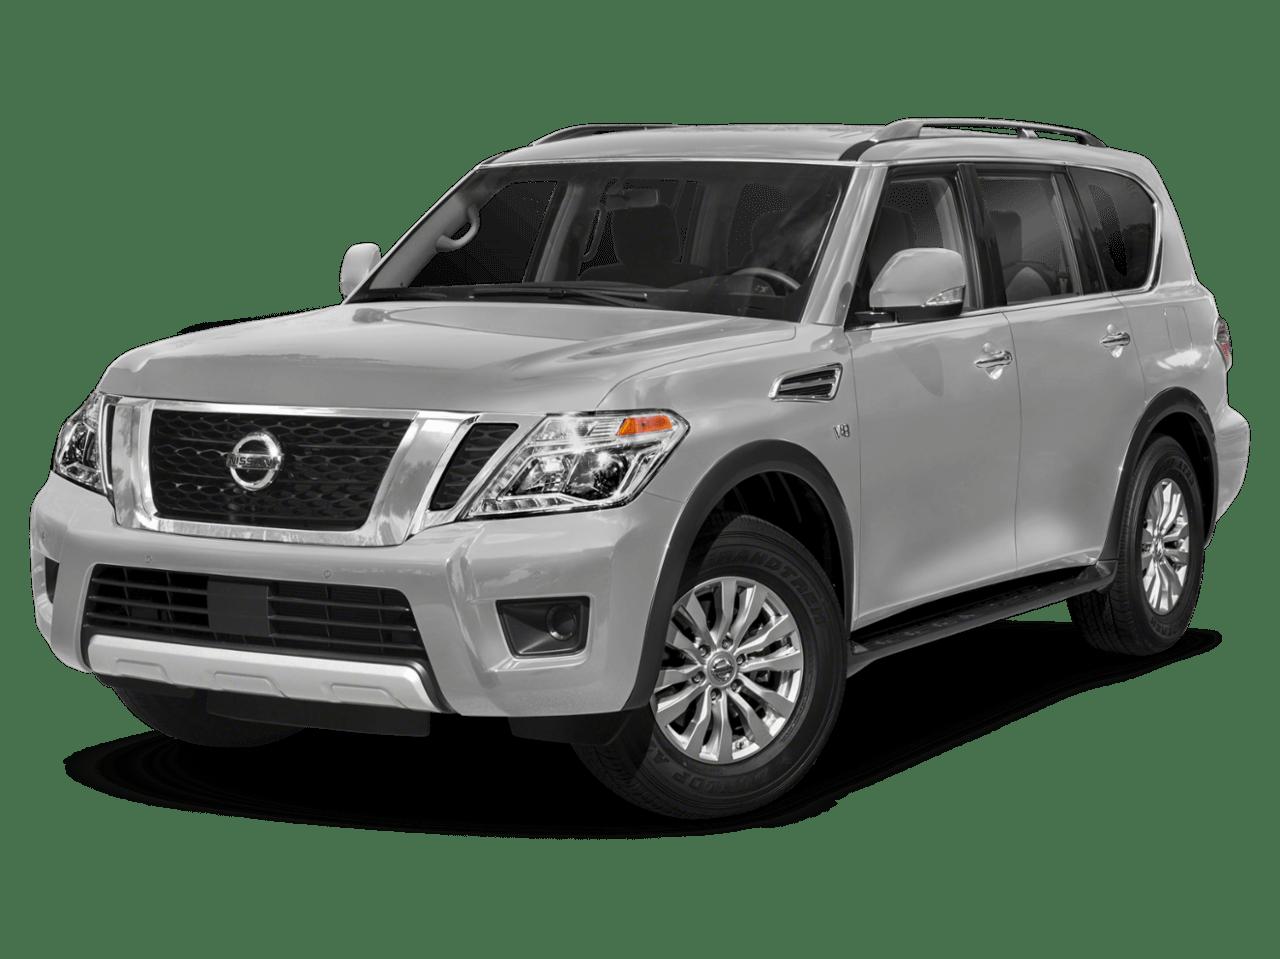 2019_Nissan_Armada_Big